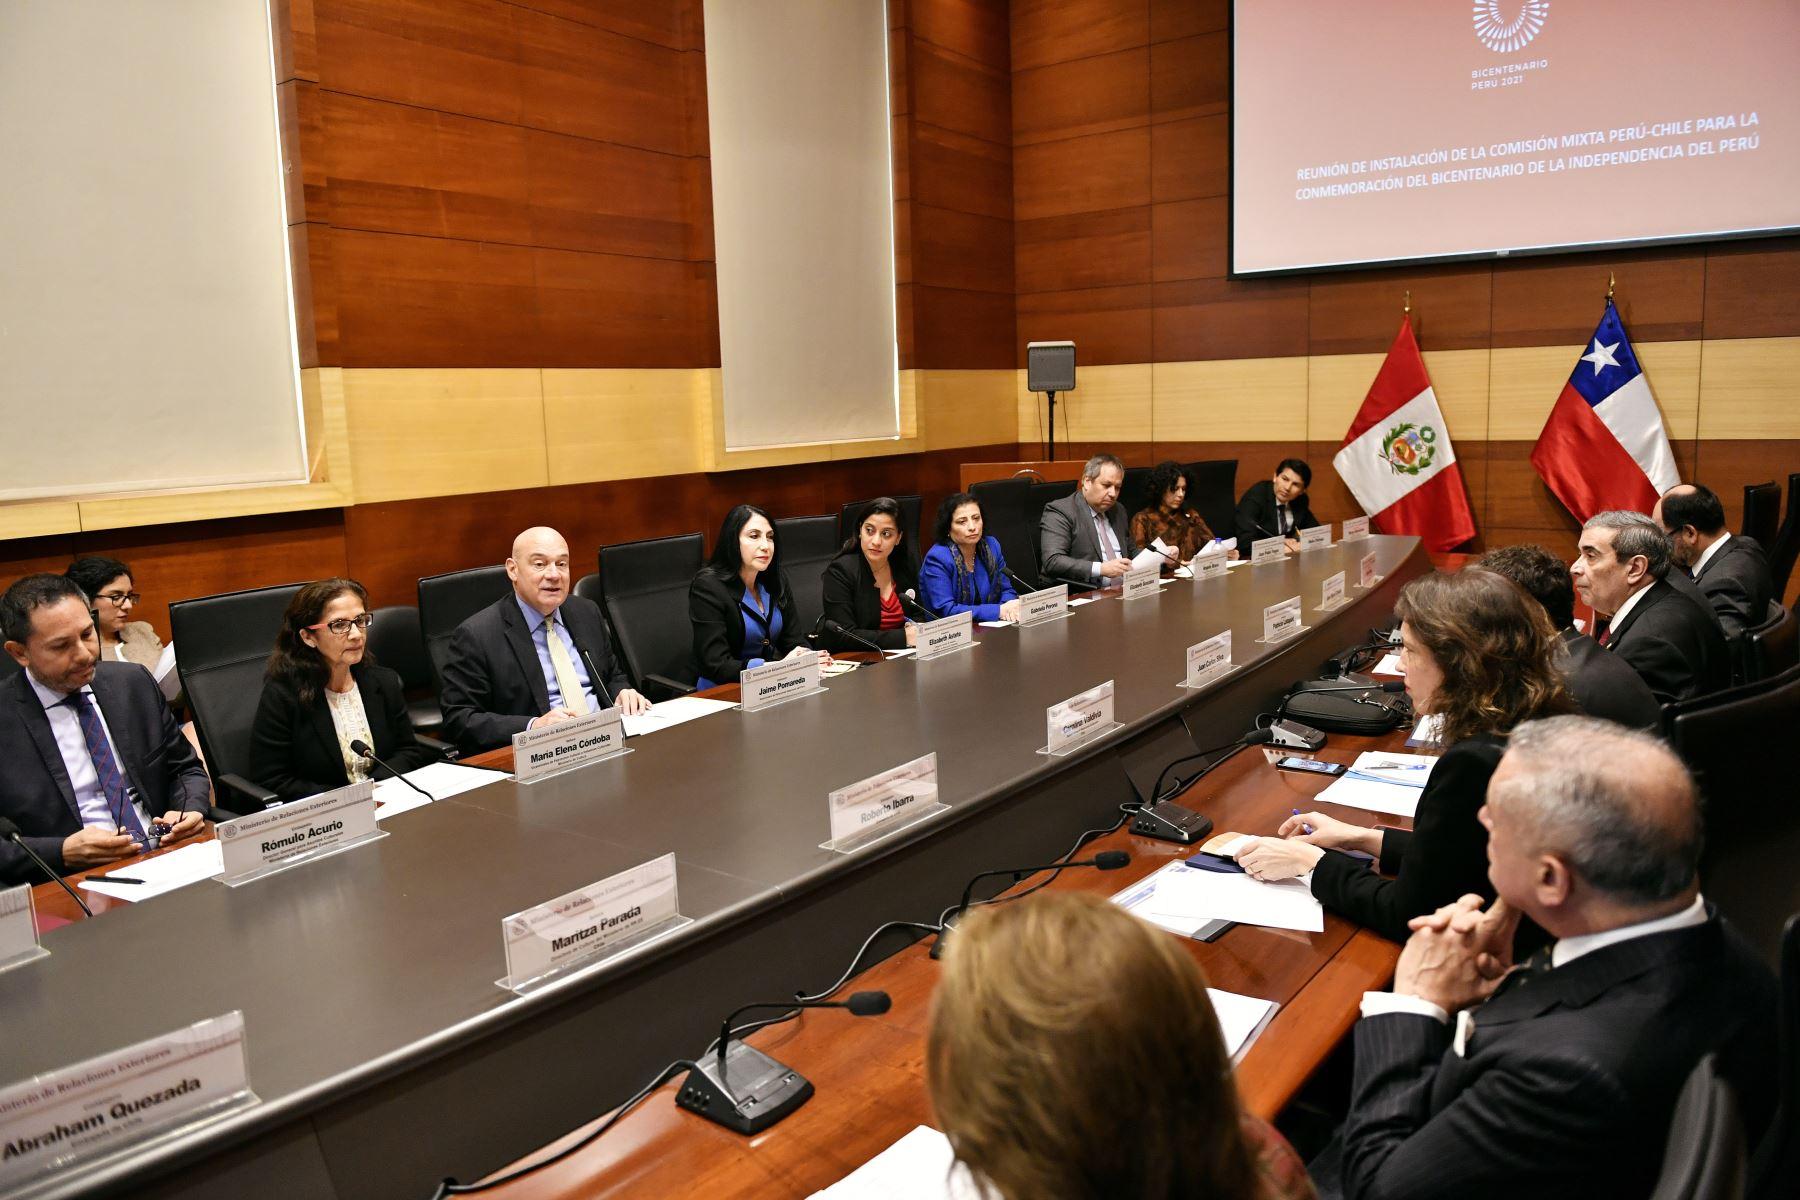 Instalación de  la Comisión Mixta Perú-Chile para la Conmemoración del Bicentenario de la Independencia del Perú y definen un Plan de Trabajo Conjunto de actividades de contenido simbólico, retrospectivo, prospectivo y comunitario, con ocasión de nuestra efeméride.Foto:ANDINA/MRE